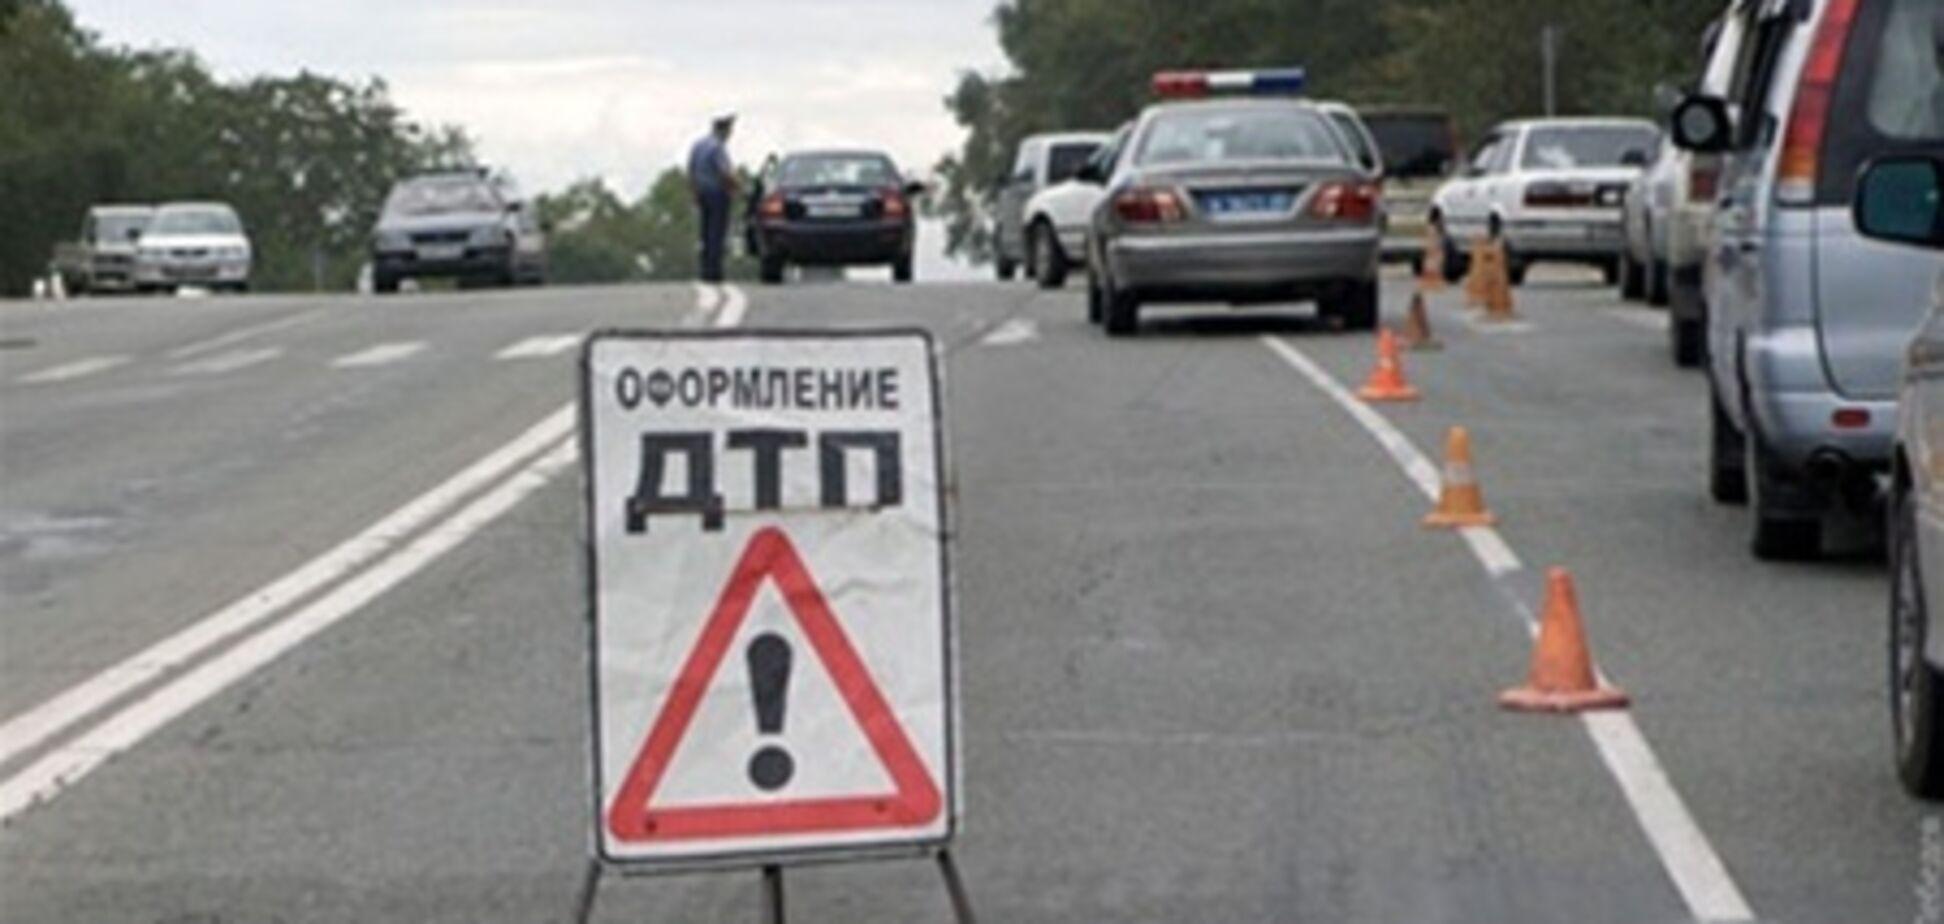 В Киеве водитель сбил пешехода и скрылся